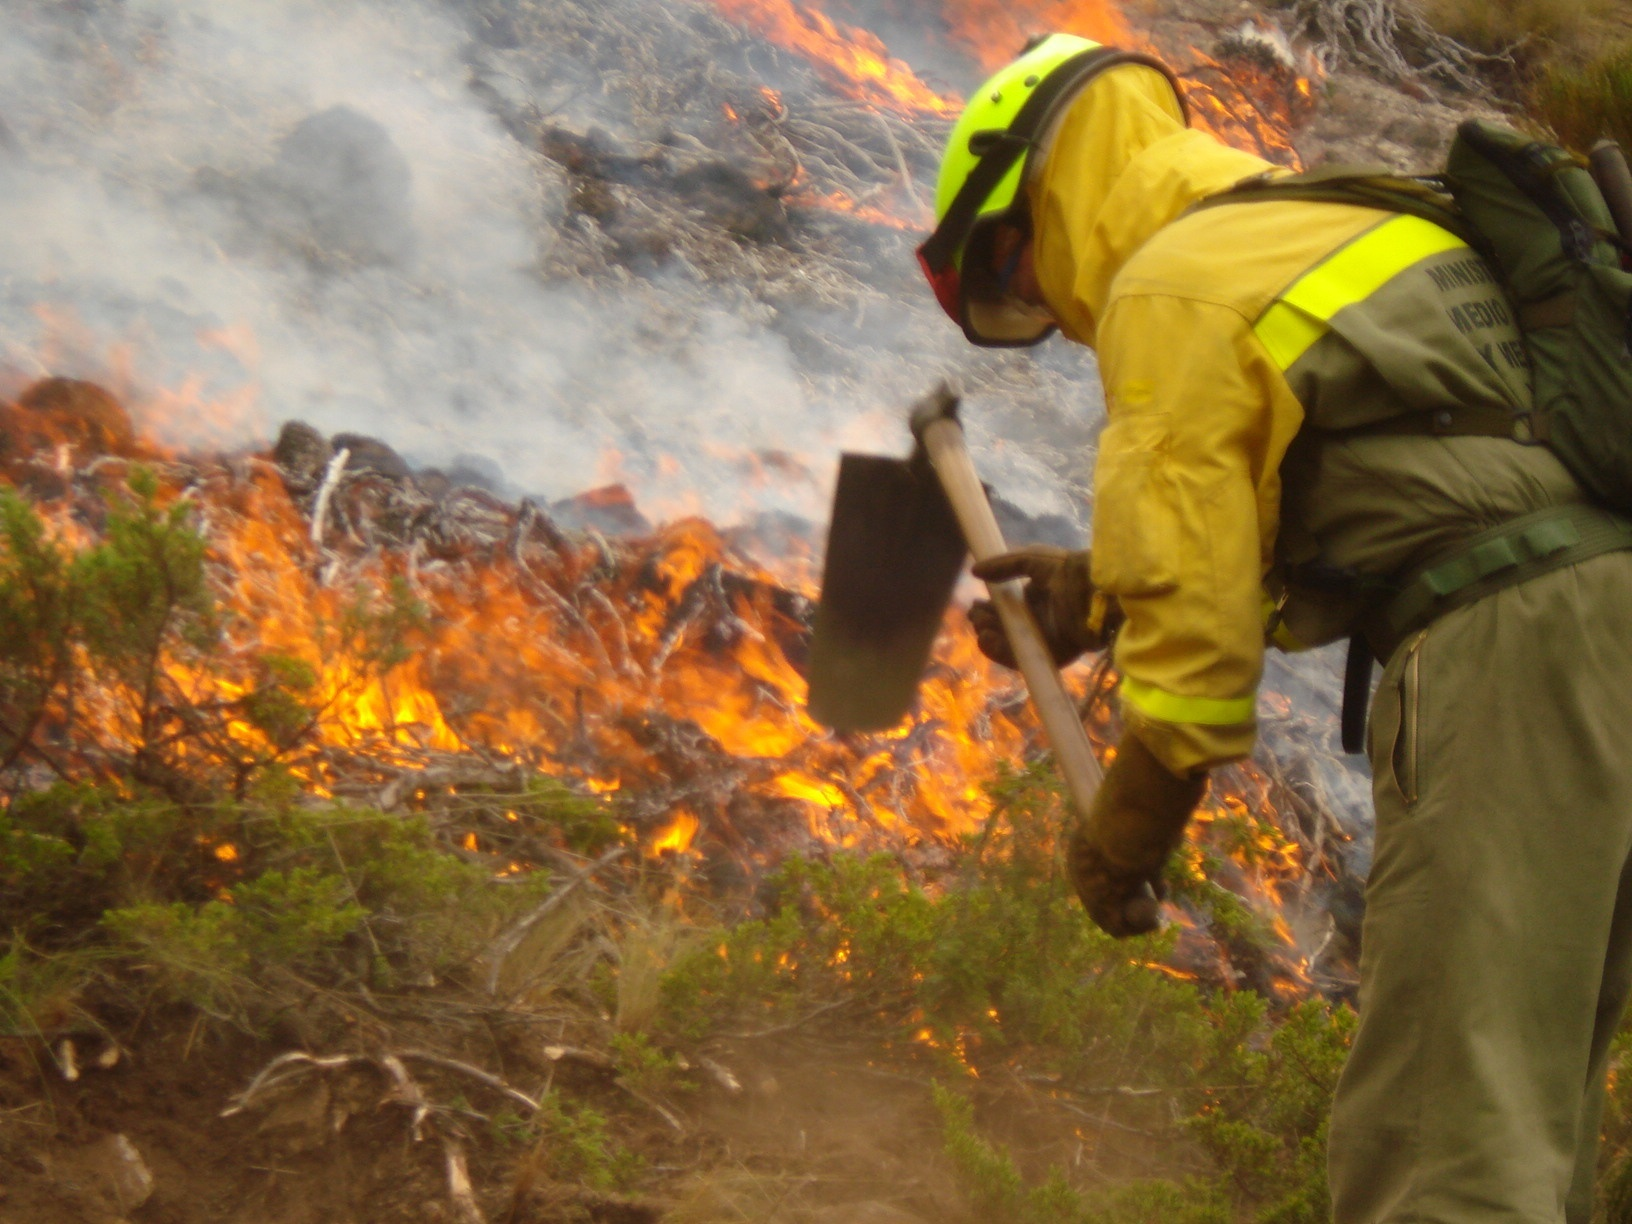 Ingenieros de Montes celebran menor riesgo de incendios tras las lluvias